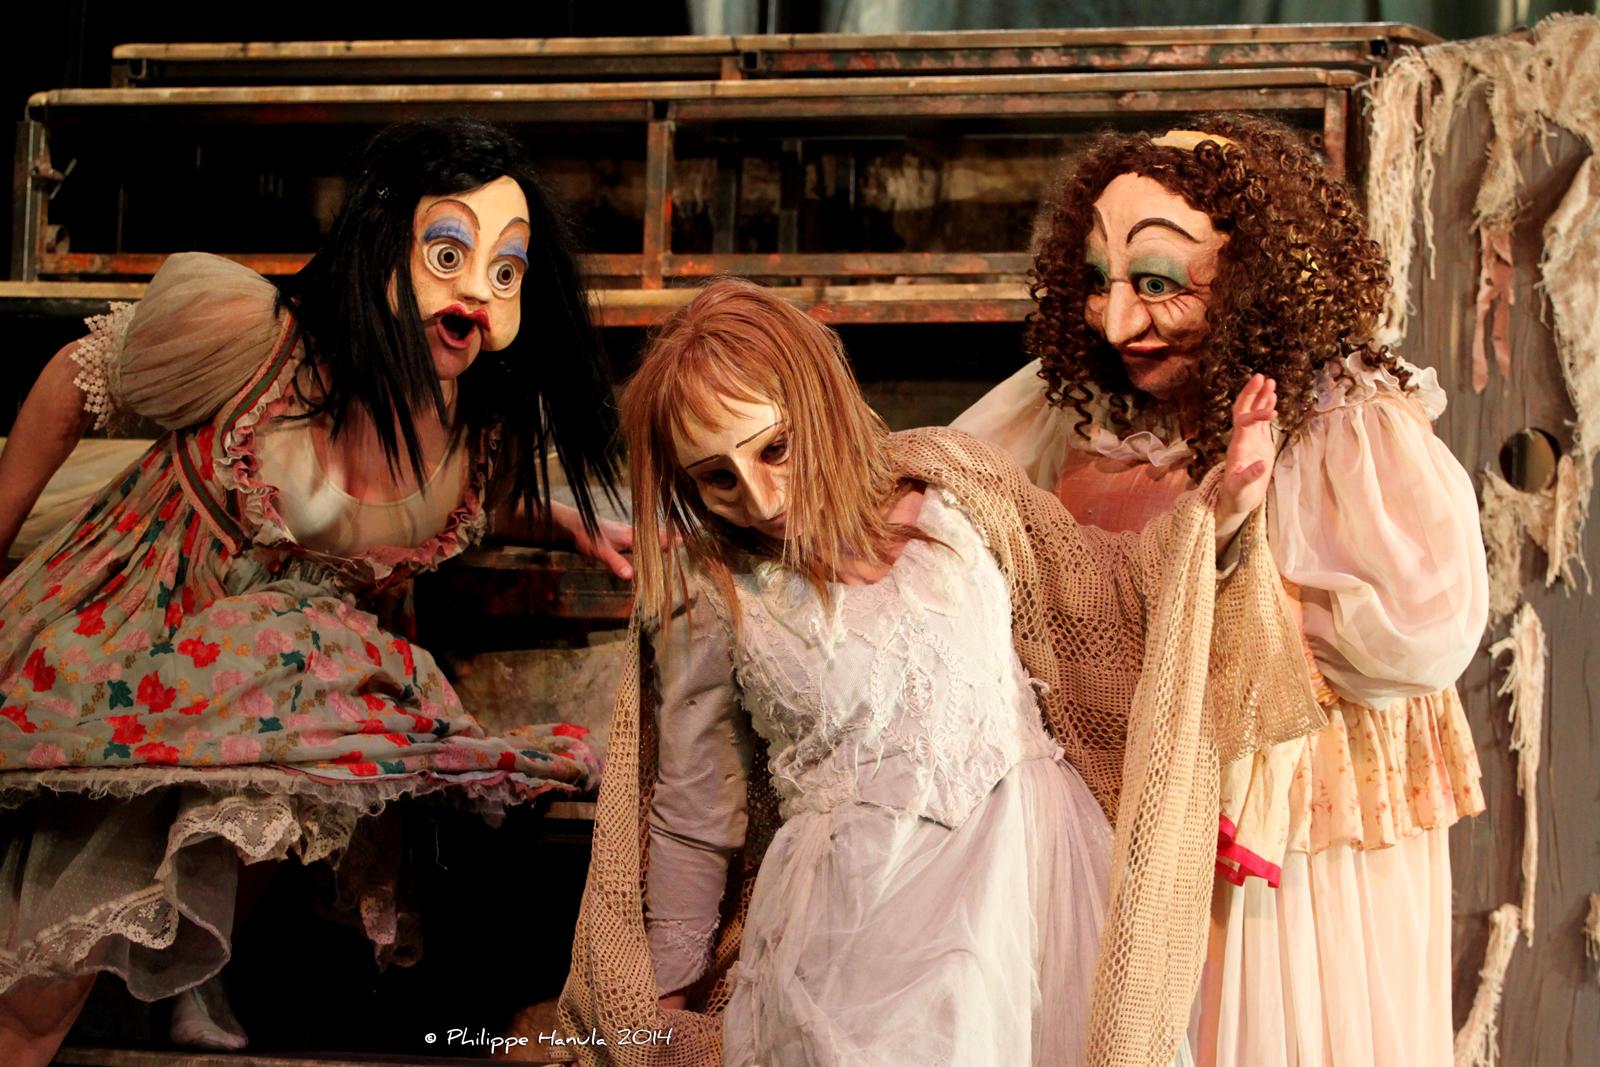 Entouré de ceux, grossiers, des prostitués, le masque de Fantine est immaculé... - Crédits : Flag'2013